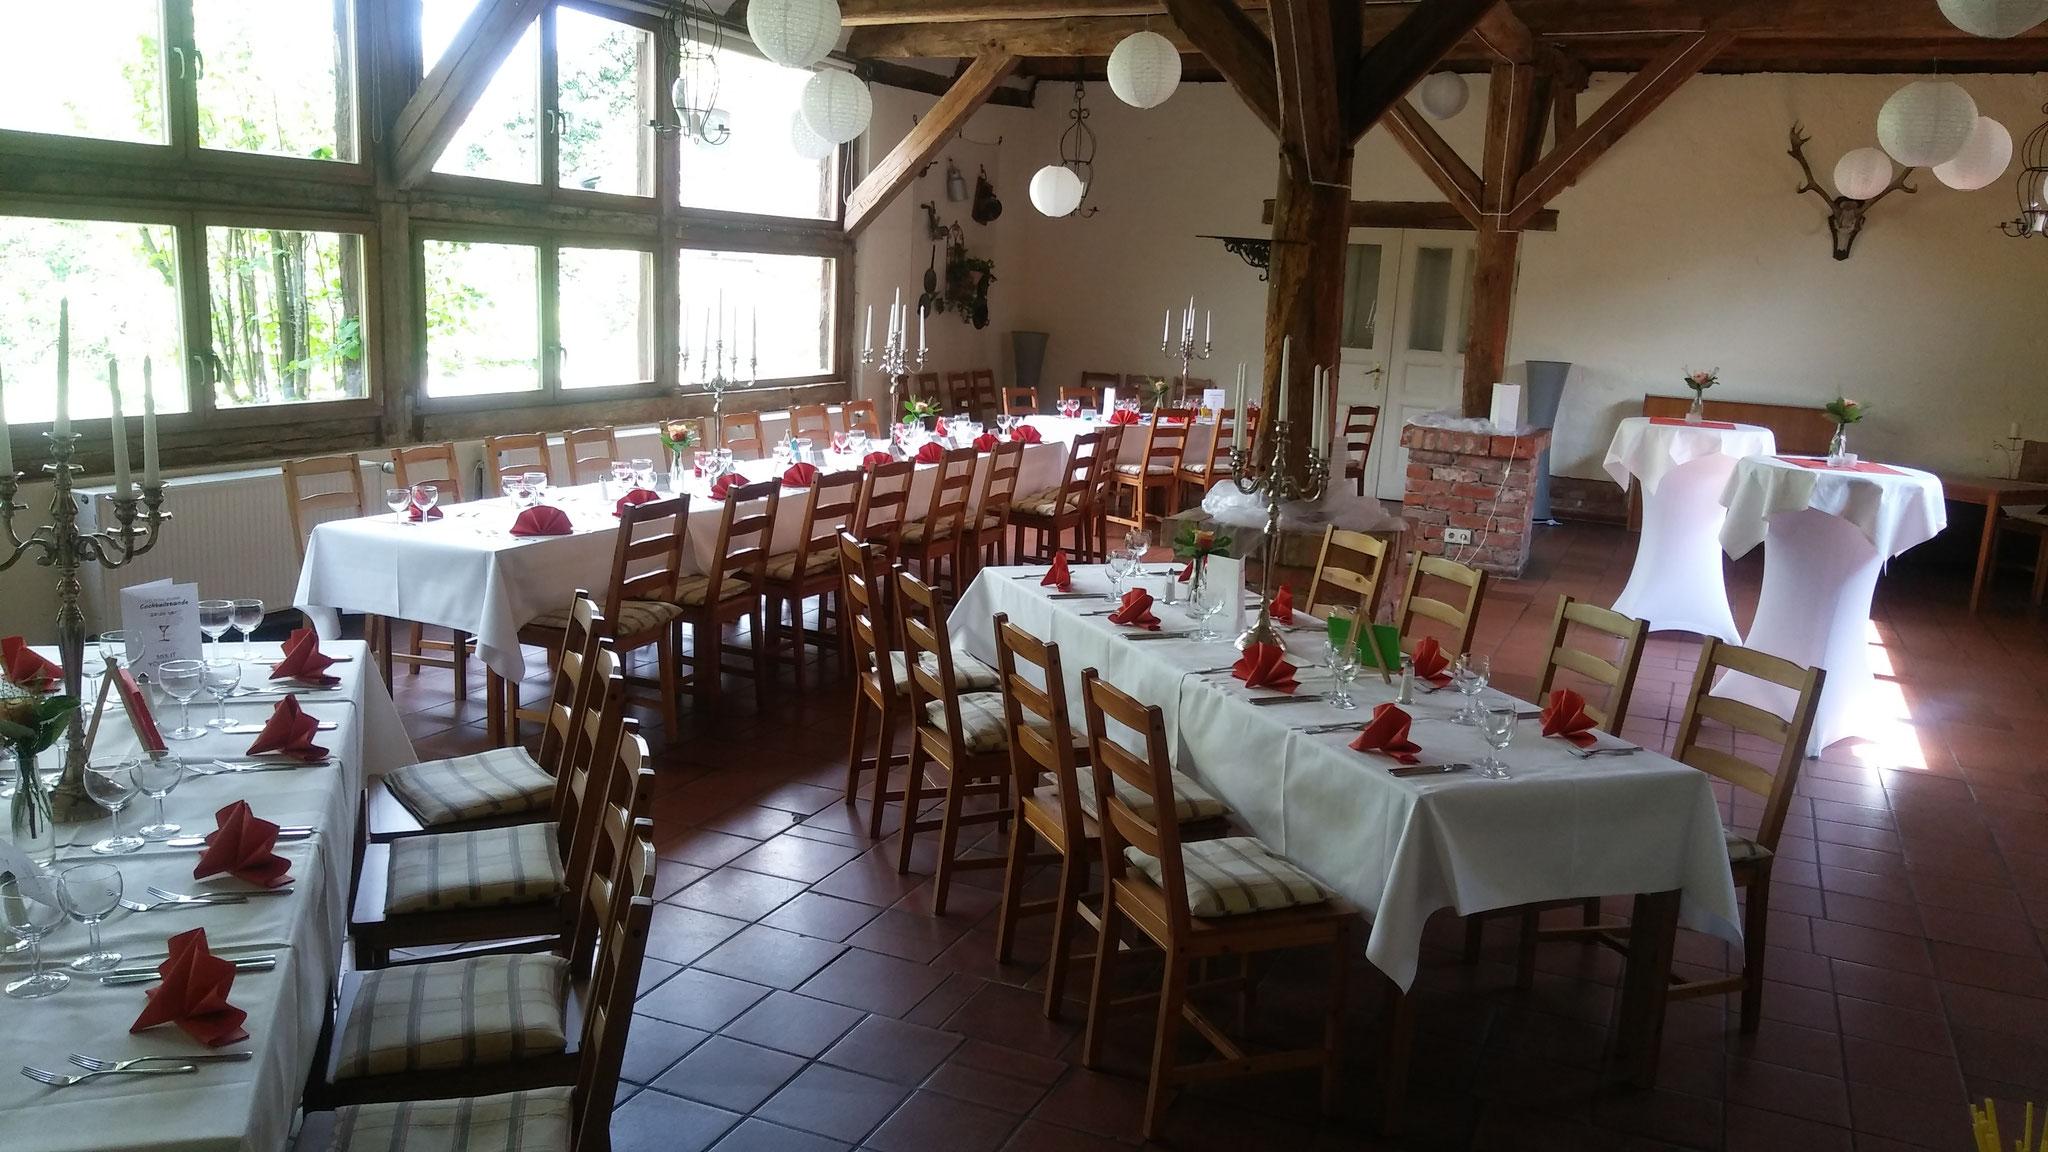 Familienfeiern im Hotel Alte Försterei Kloster Zinna